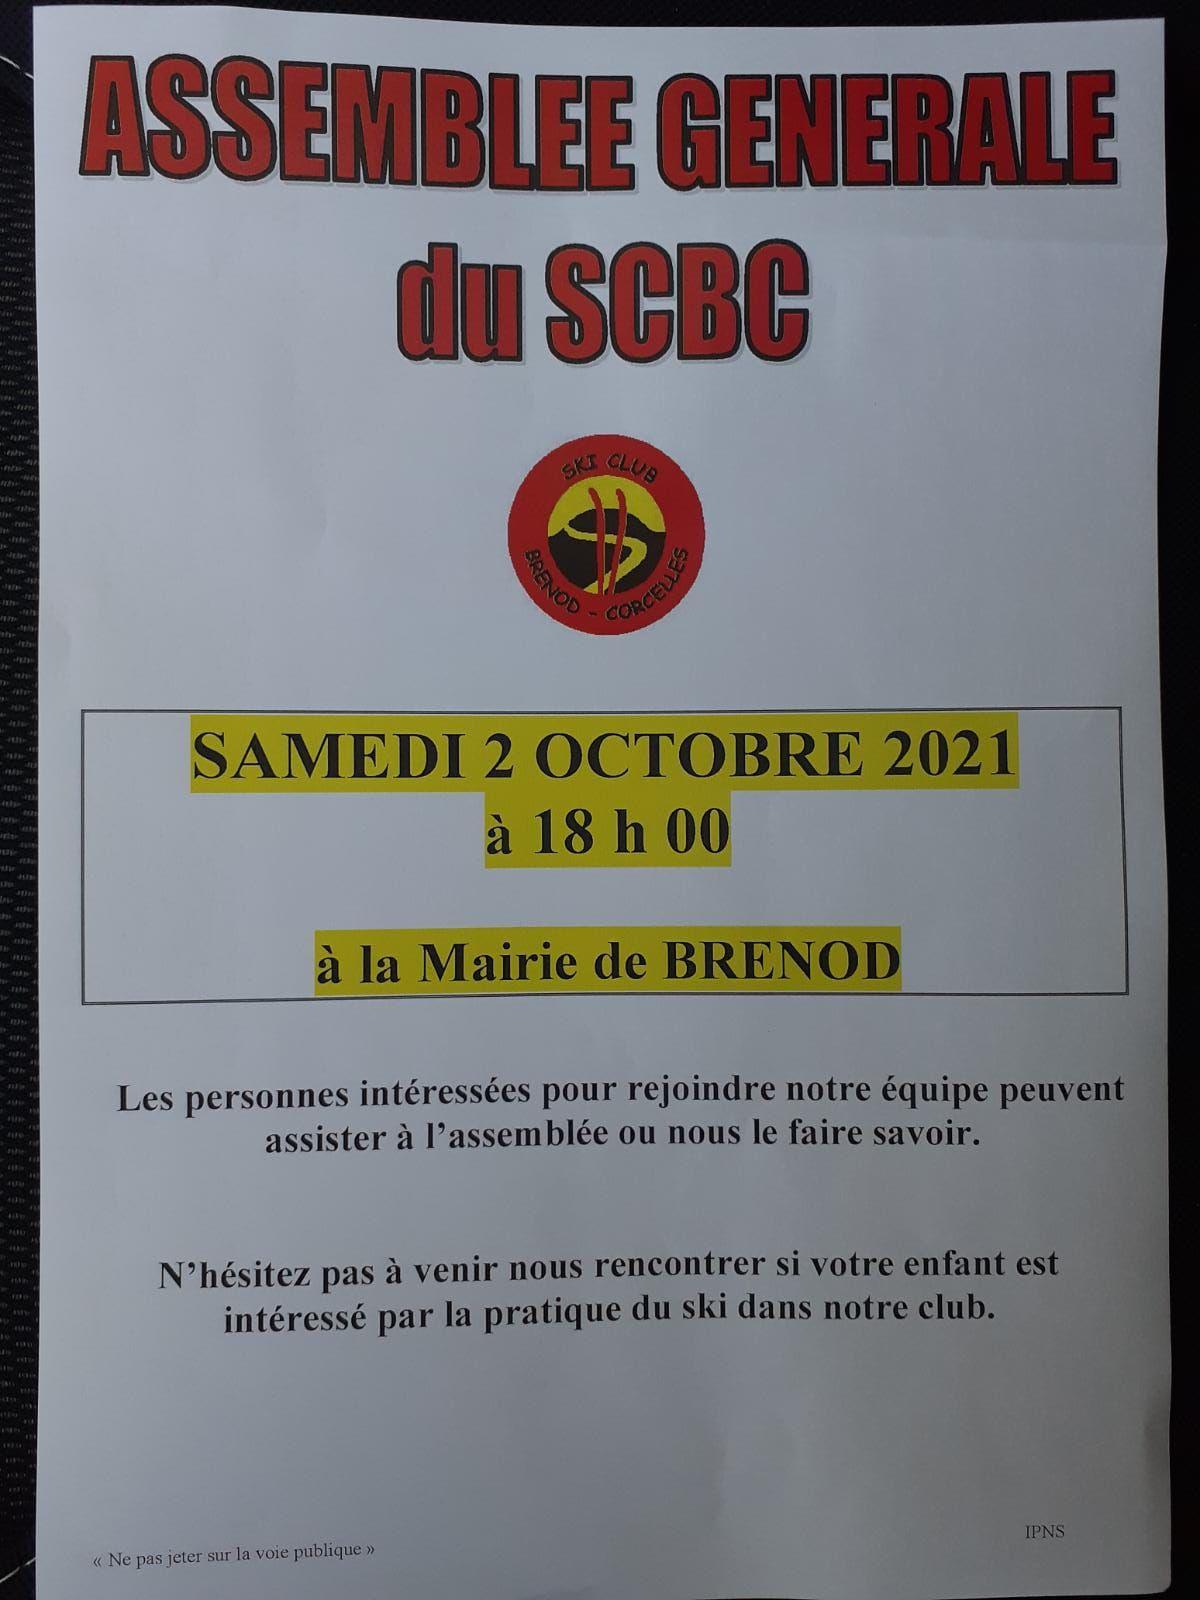 Assemblée Générale du SCBC 2021